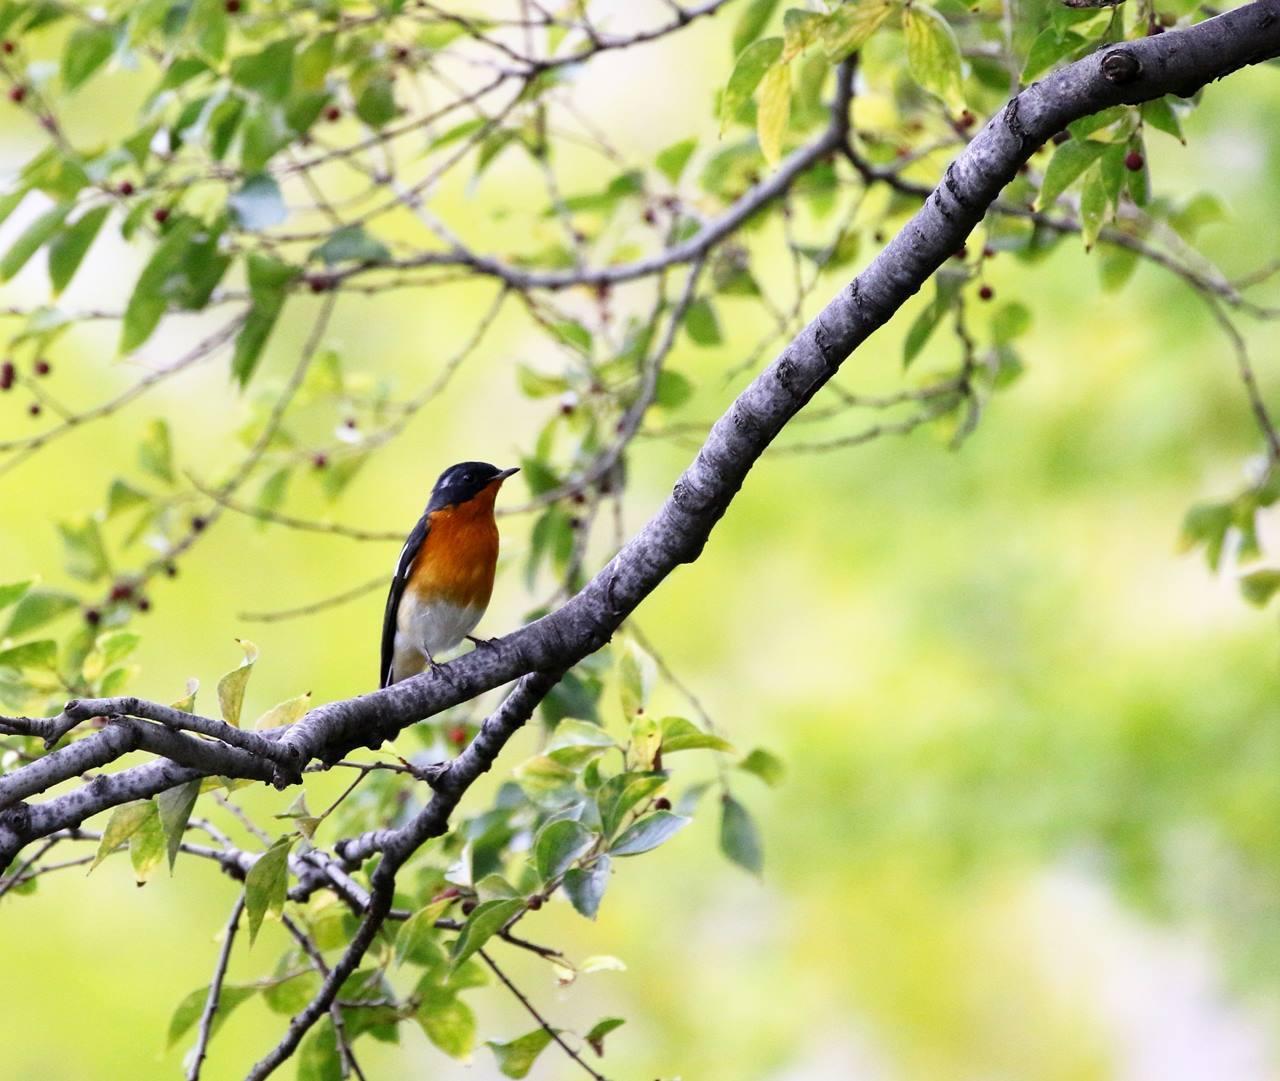 やっとムギマキ♂成鳥に出会う(その1)_c0213607_22354883.jpg